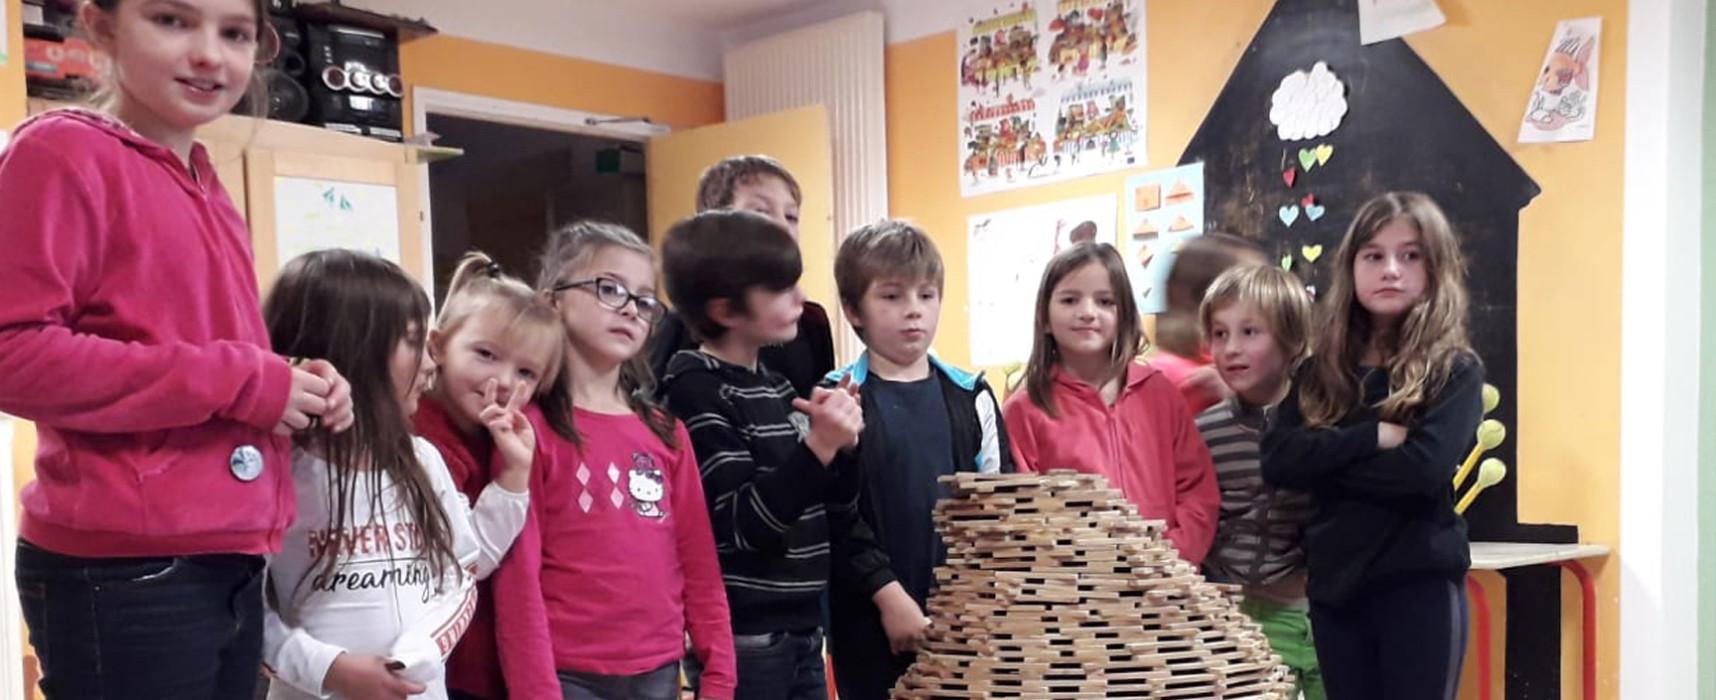 Des vacances créatives pour les accueils de loisirs Cigale #Felletin et du Plateau #Gentioux